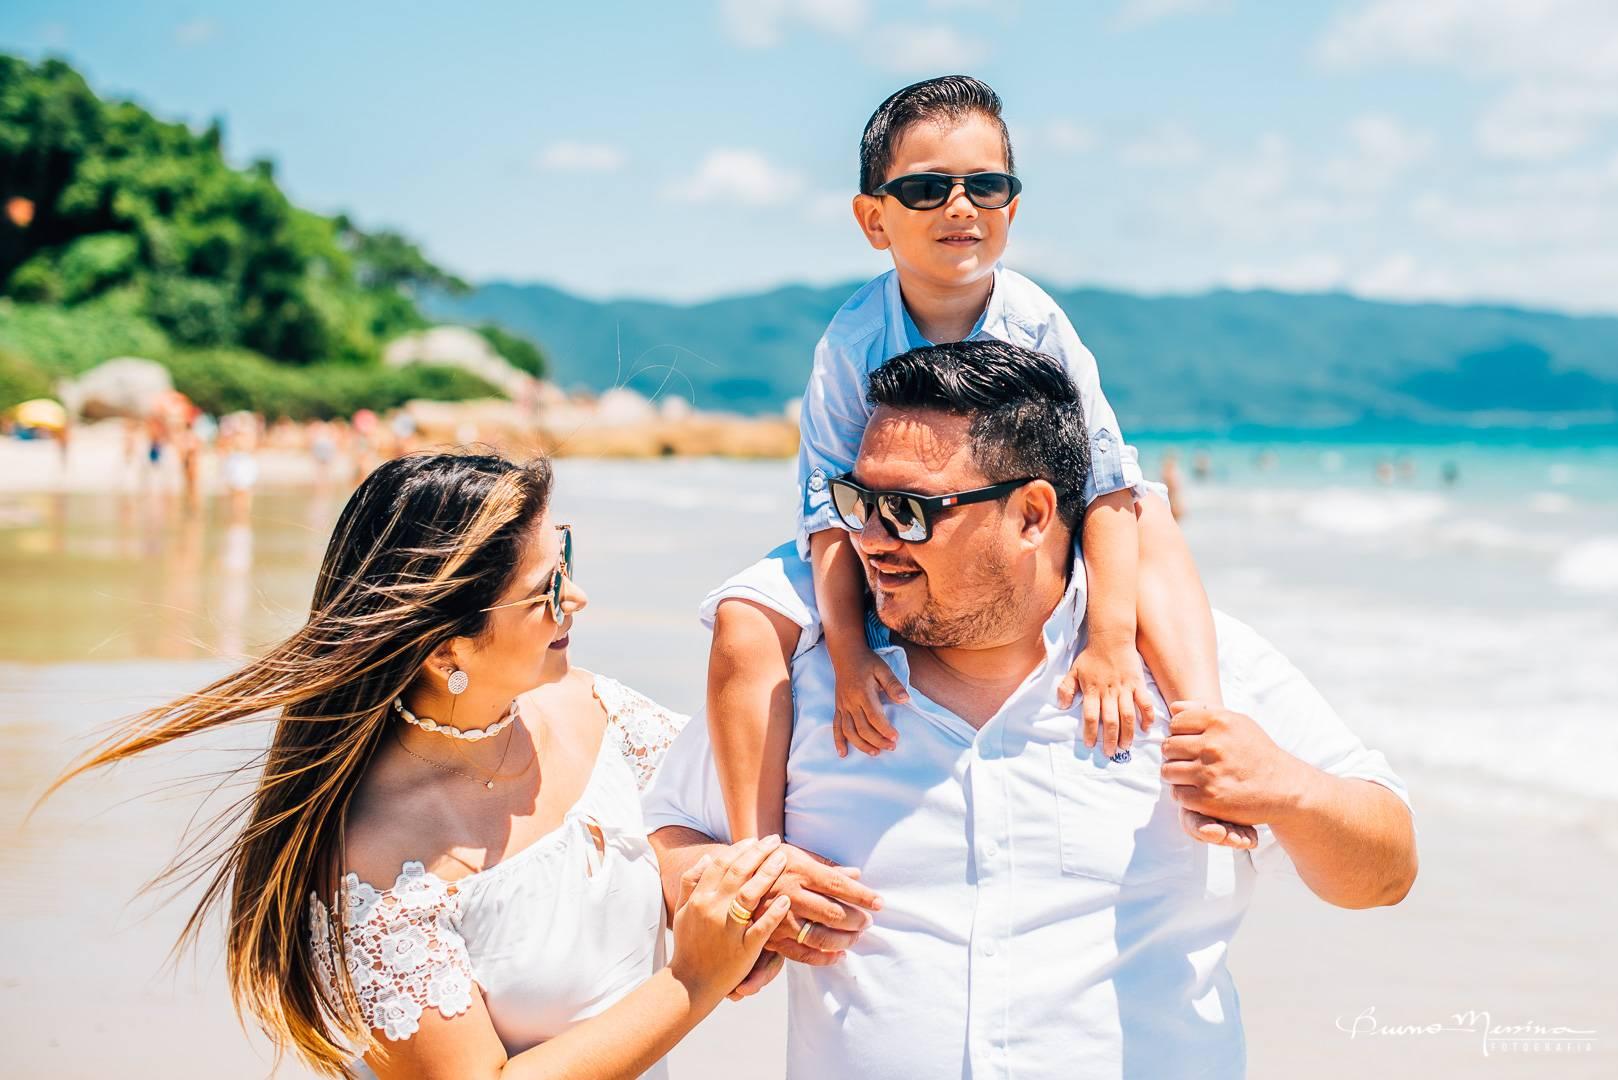 Fotos de Familia Balneario Camboriu - ensaio familia Balneario Camboriu - Fotógrafo de família Balneário Camboriu - fotografia de casamento Balneário Camboriu - Fotos em Balneario Camboriu